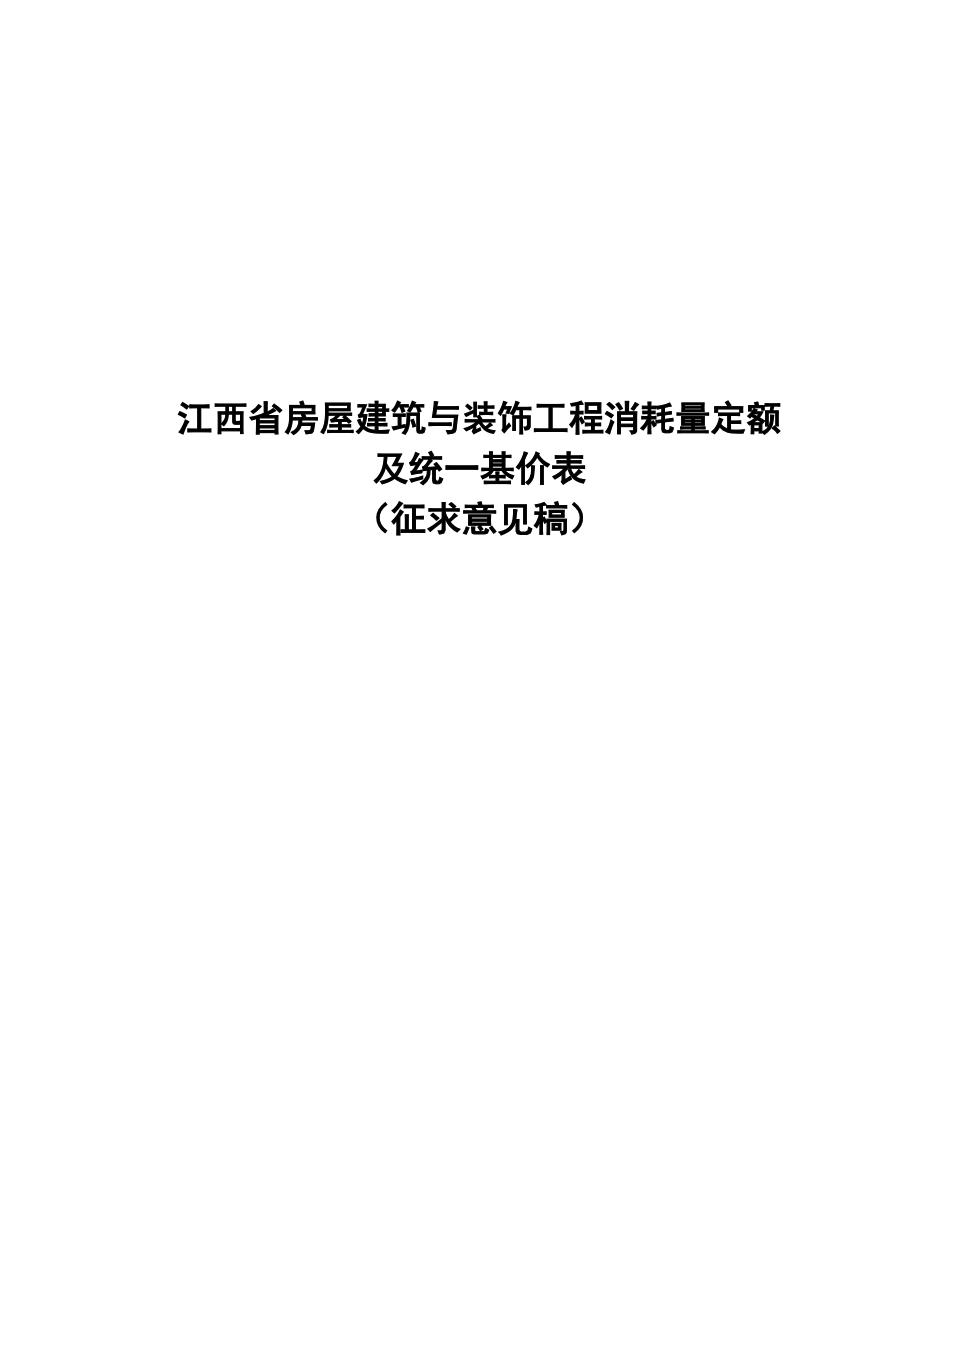 江西省房屋建筑与装饰工程消耗量定额说明与工程量计算规则2017